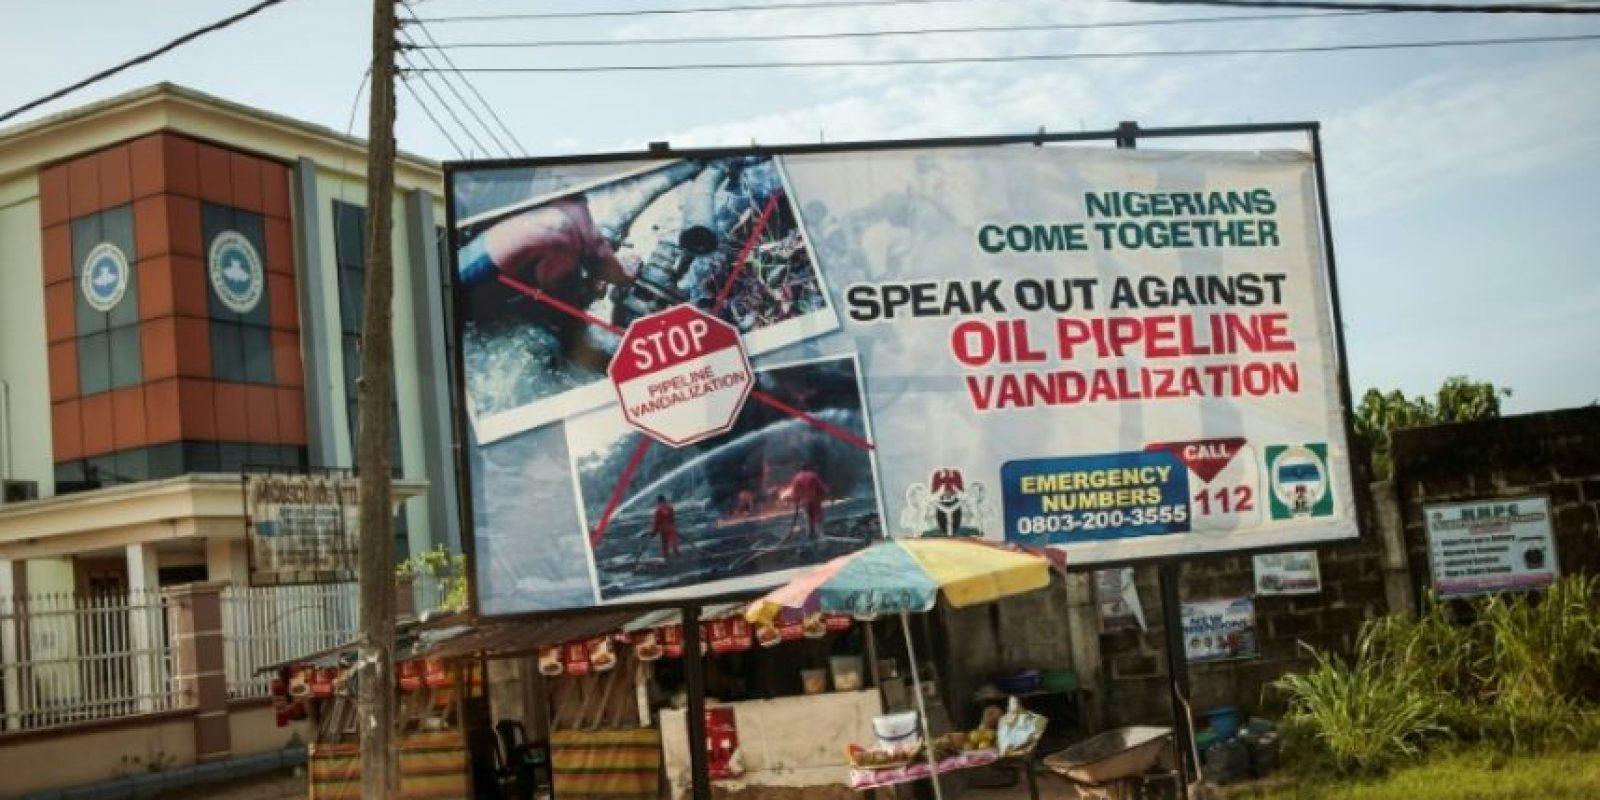 Un cartel publicitario hace referencia al vandalismo contra el oleoducto de la ciudad de Warri, en el Estado del Delta (Nigeria), el 10 de junio de 2016 Foto:Stefan Heunis/afp.com